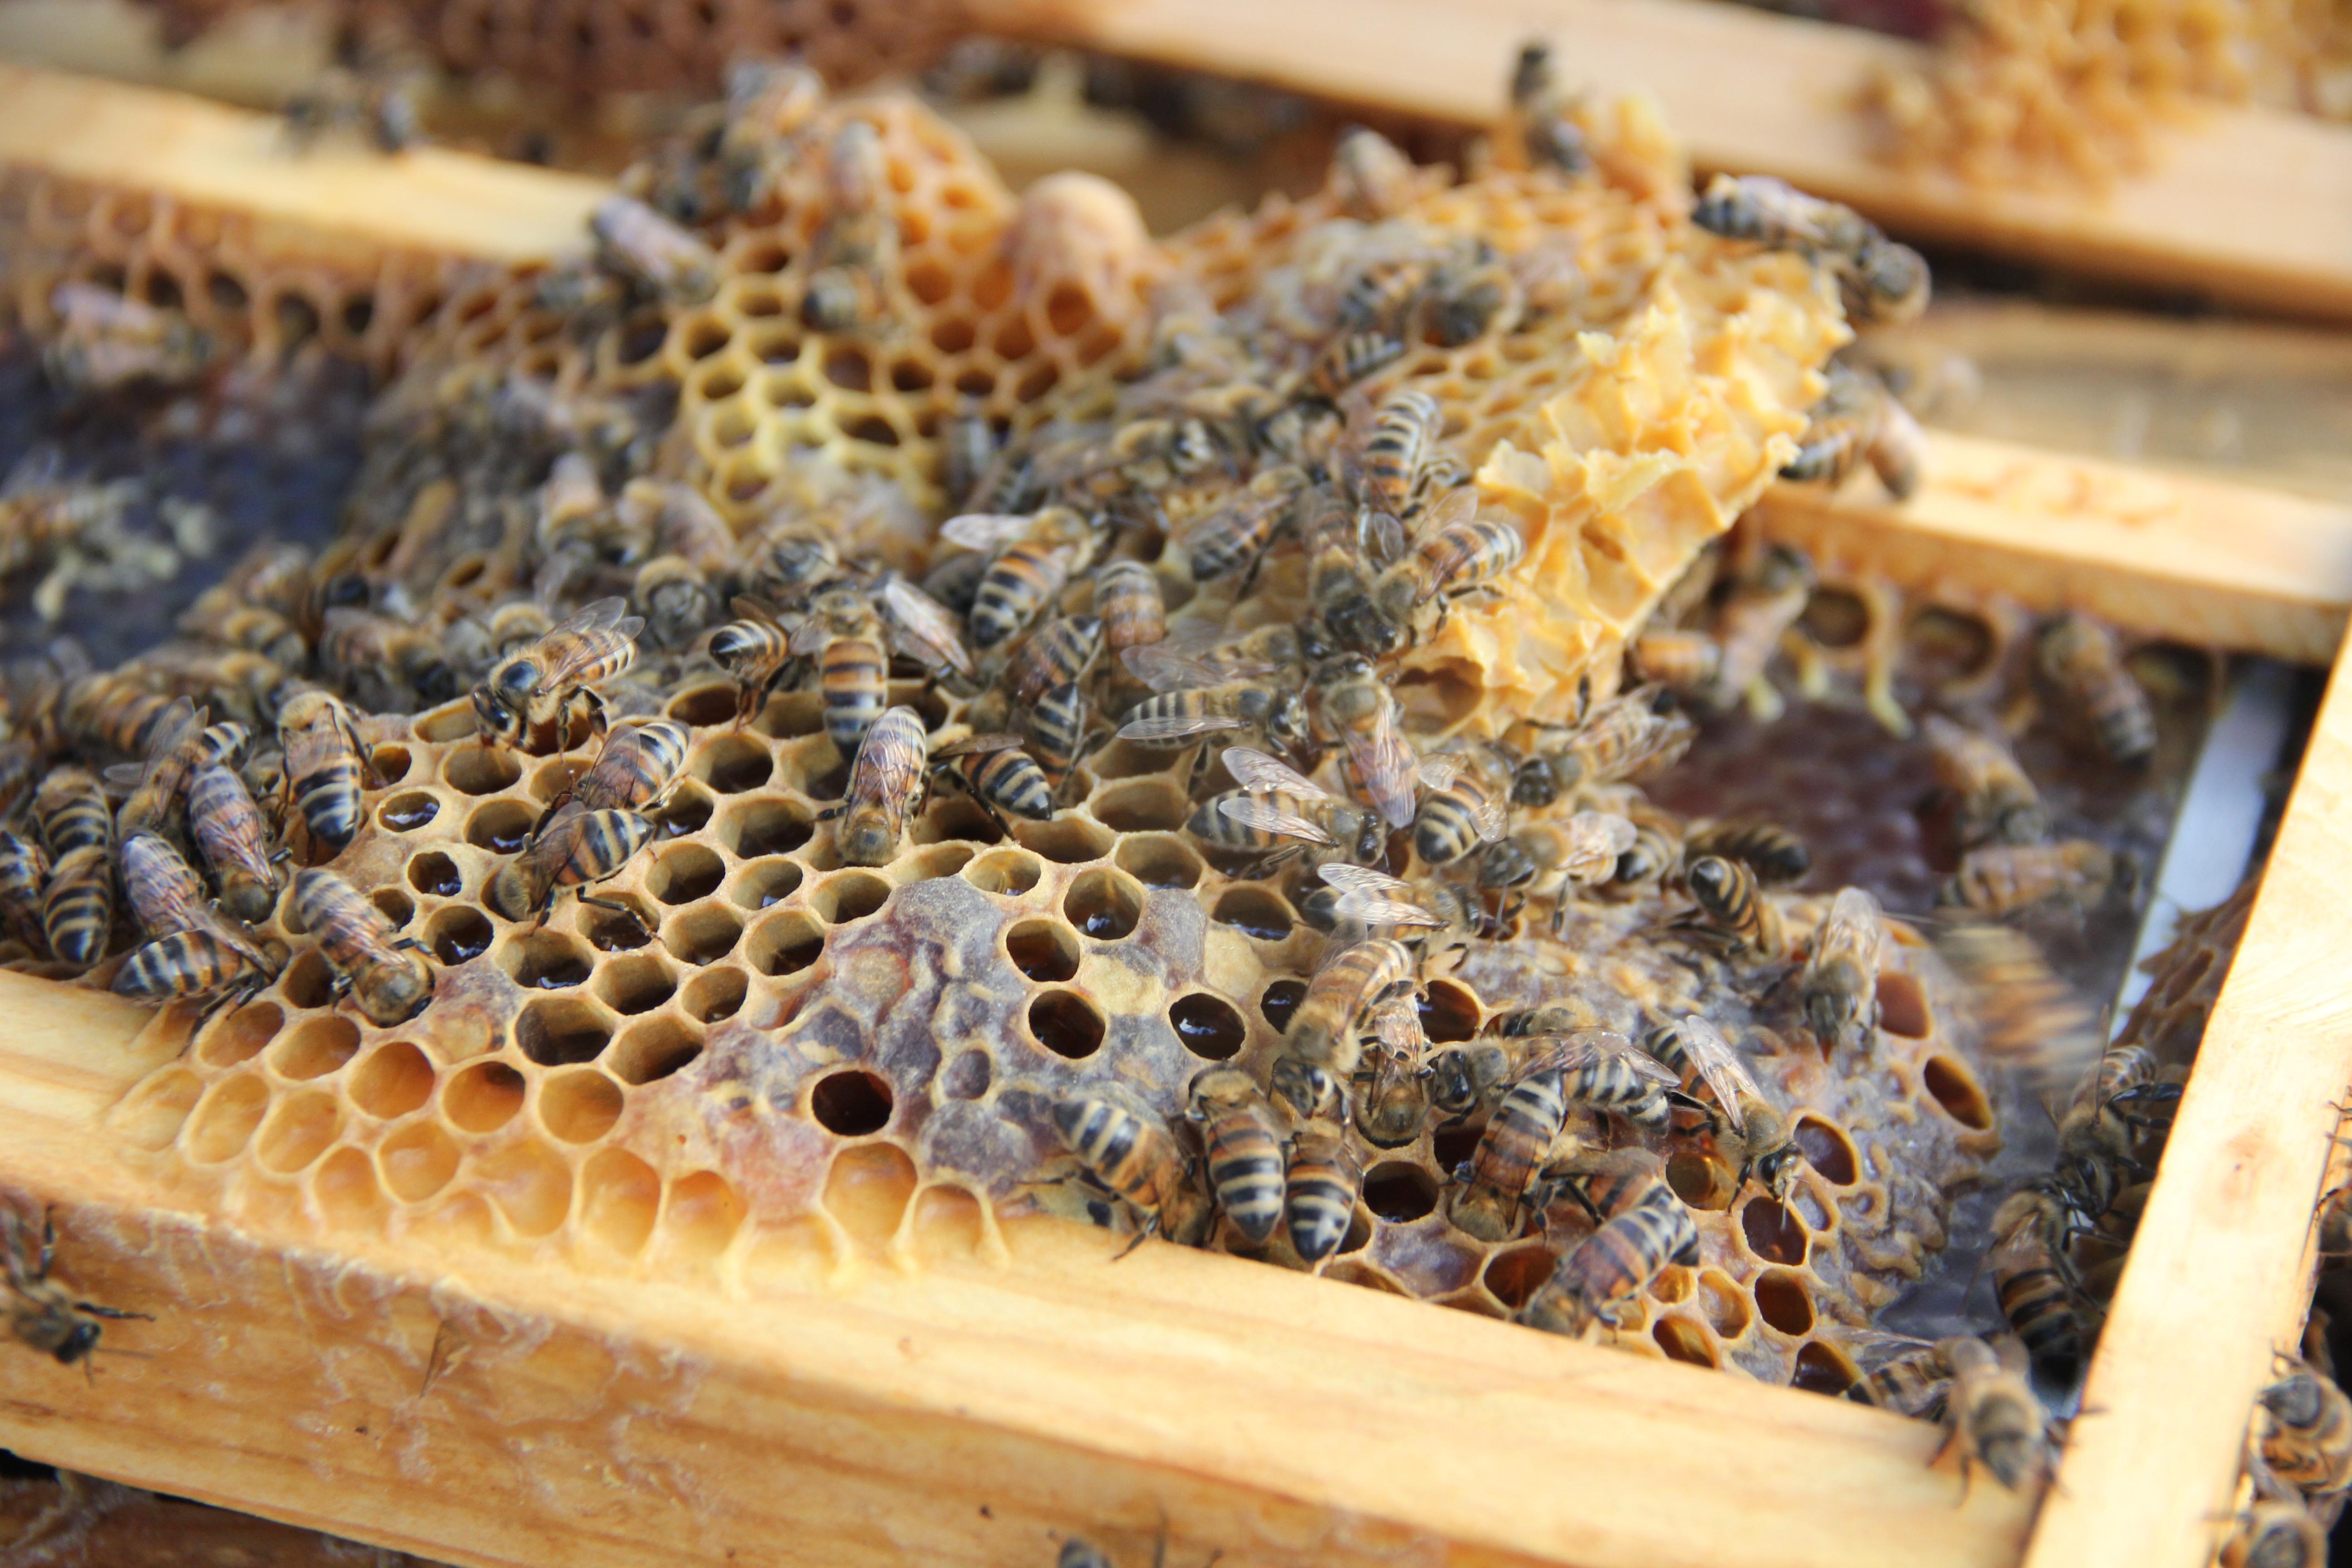 IMG_2274 - 8 Bee